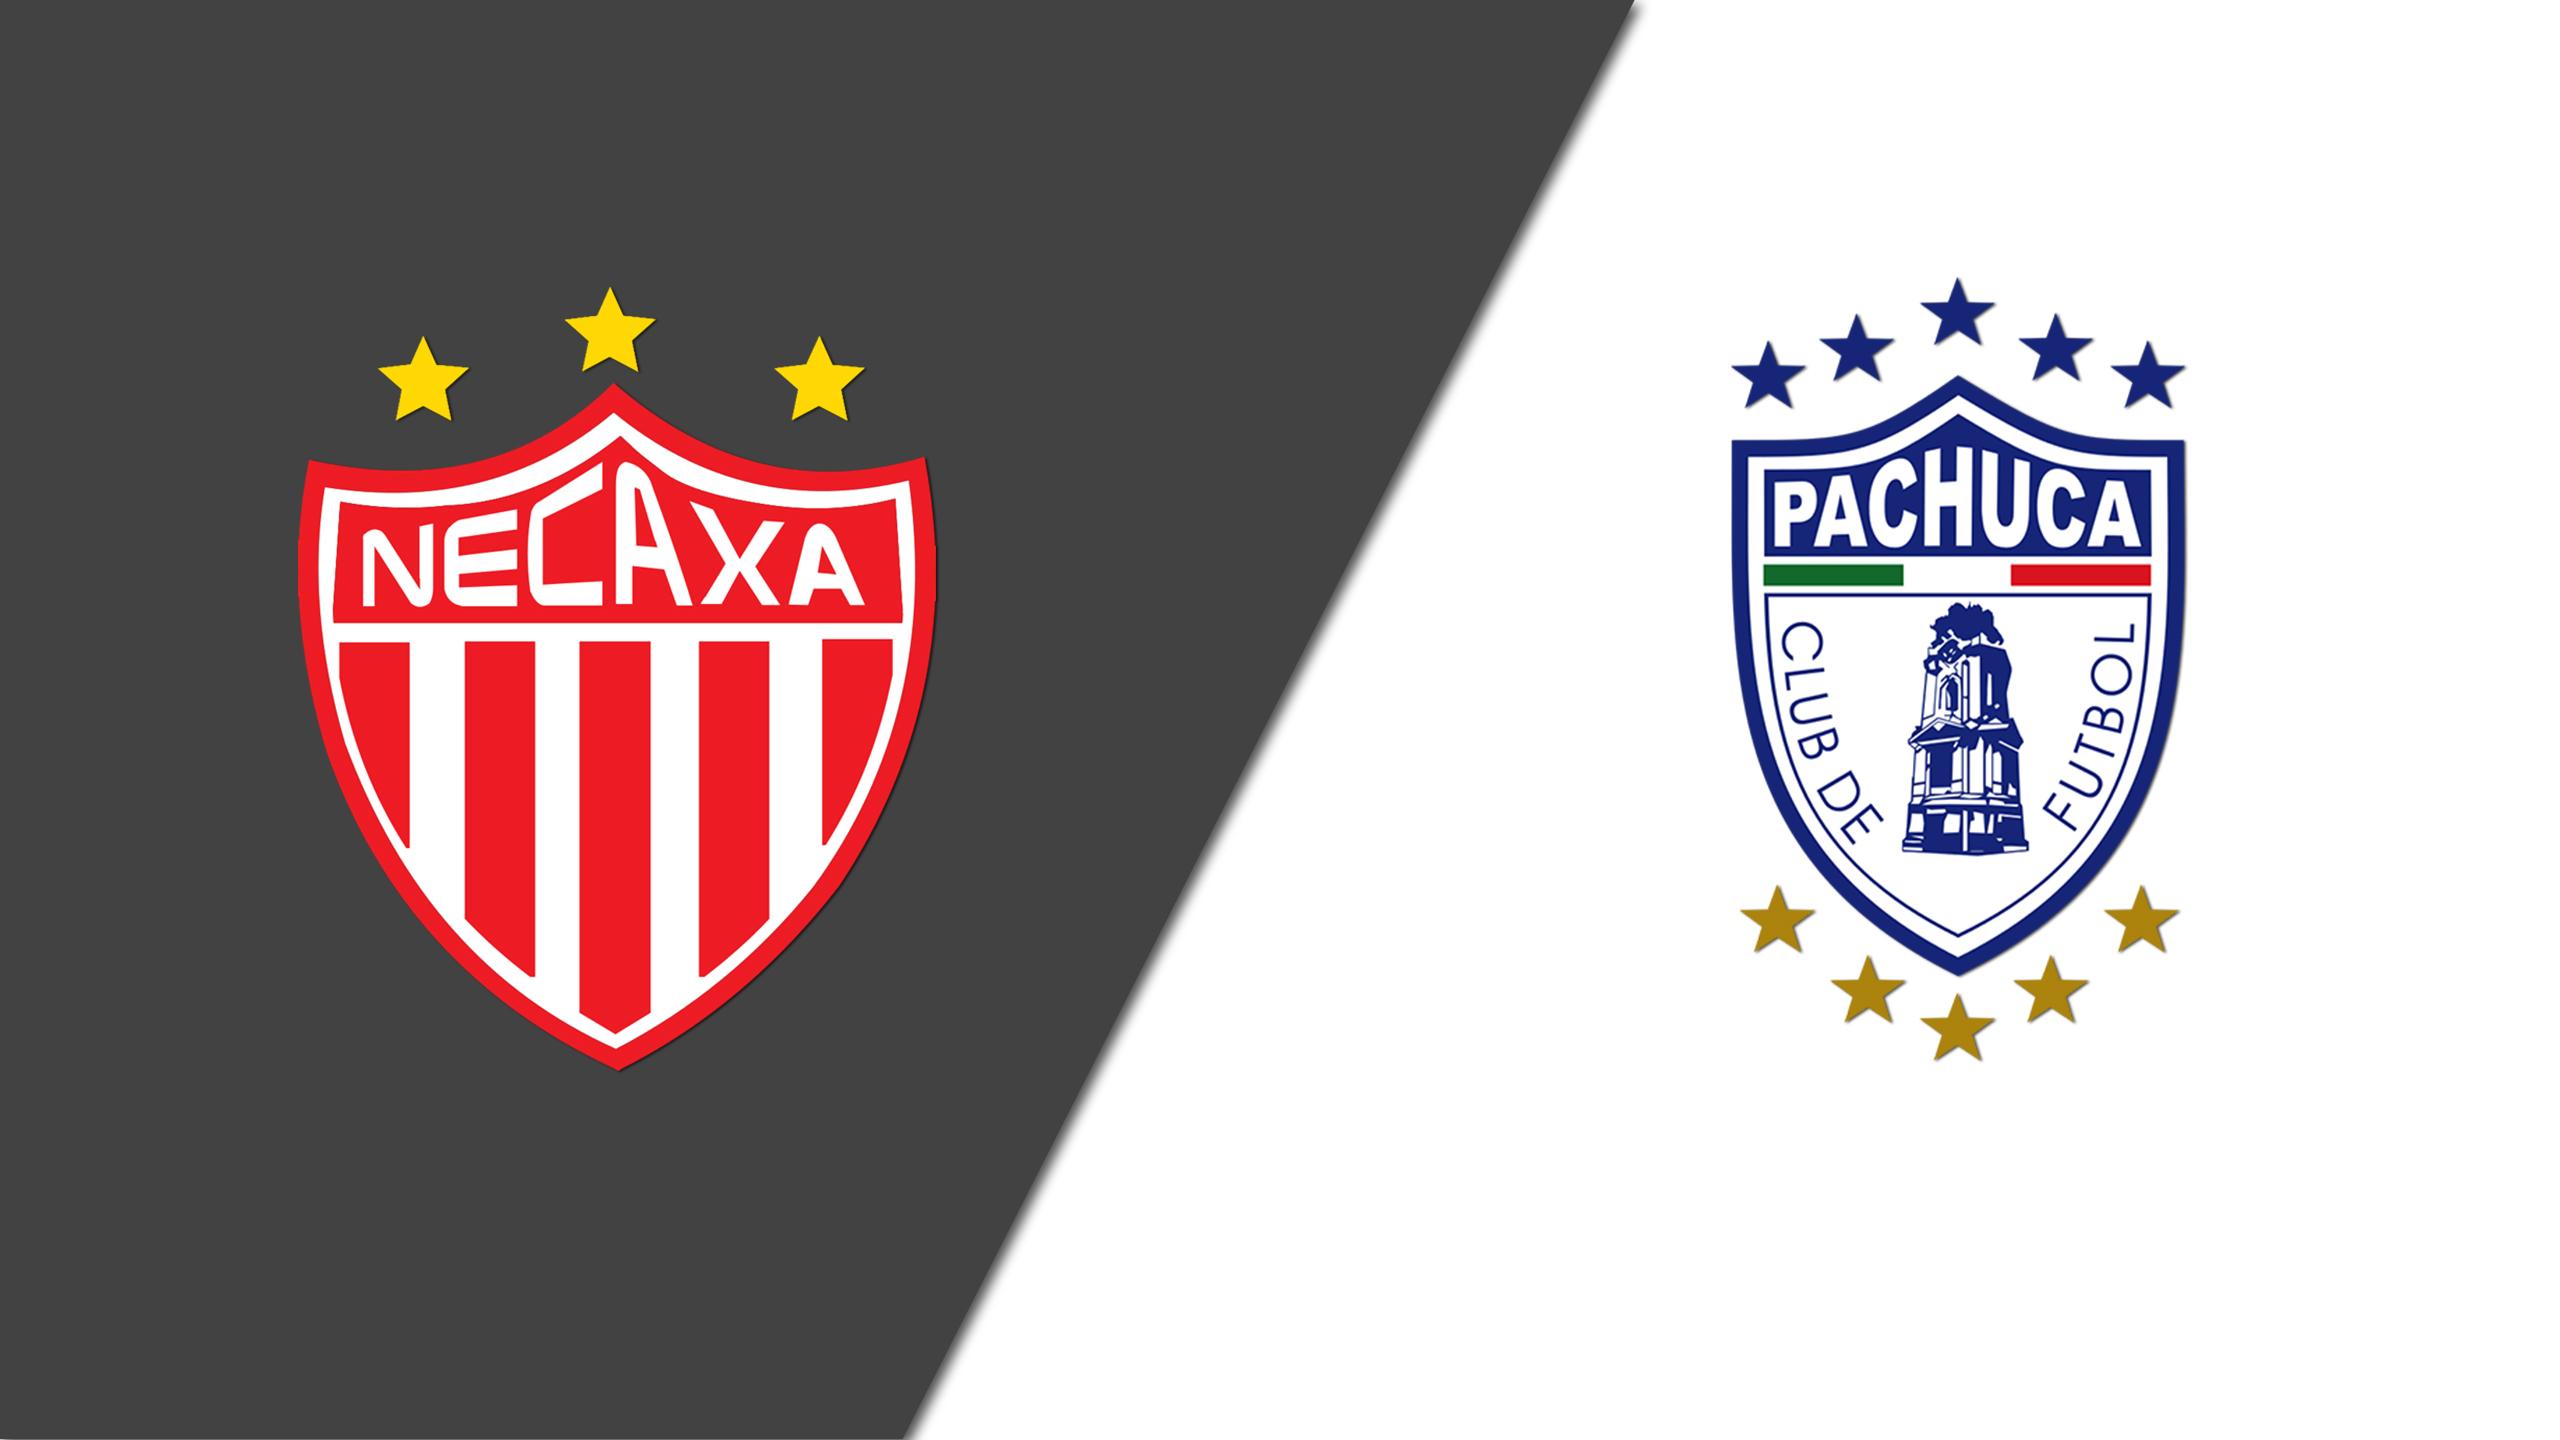 Rayos del Necaxa vs. Tuzos del Pachuca (Jornada 15)